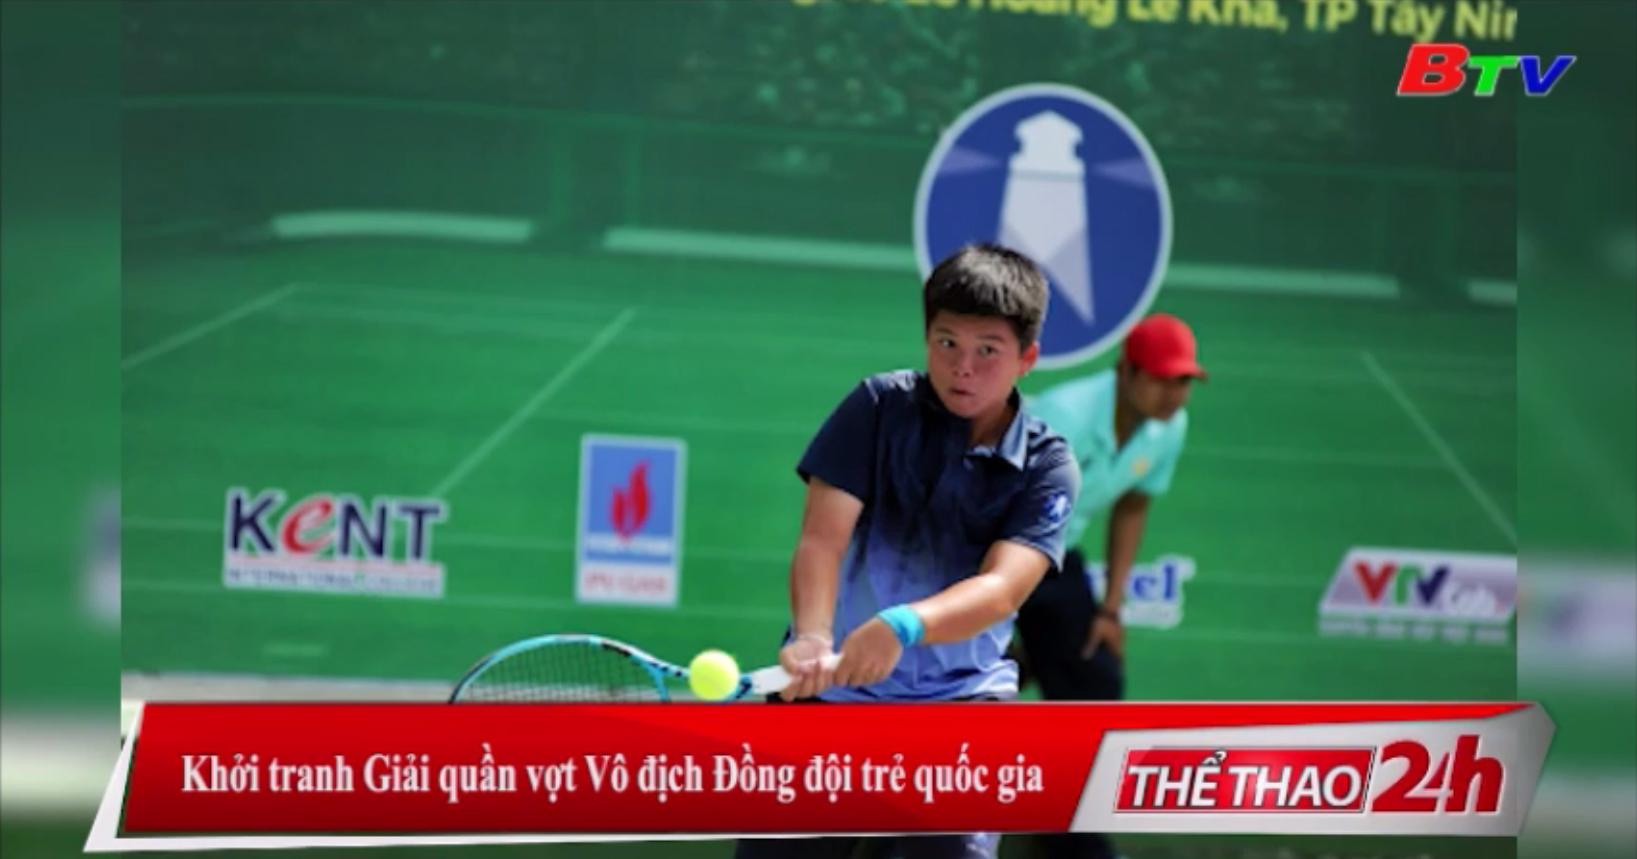 Khởi tranh Giải quần vợt Vô địch Đồng đội trẻ Quốc gia